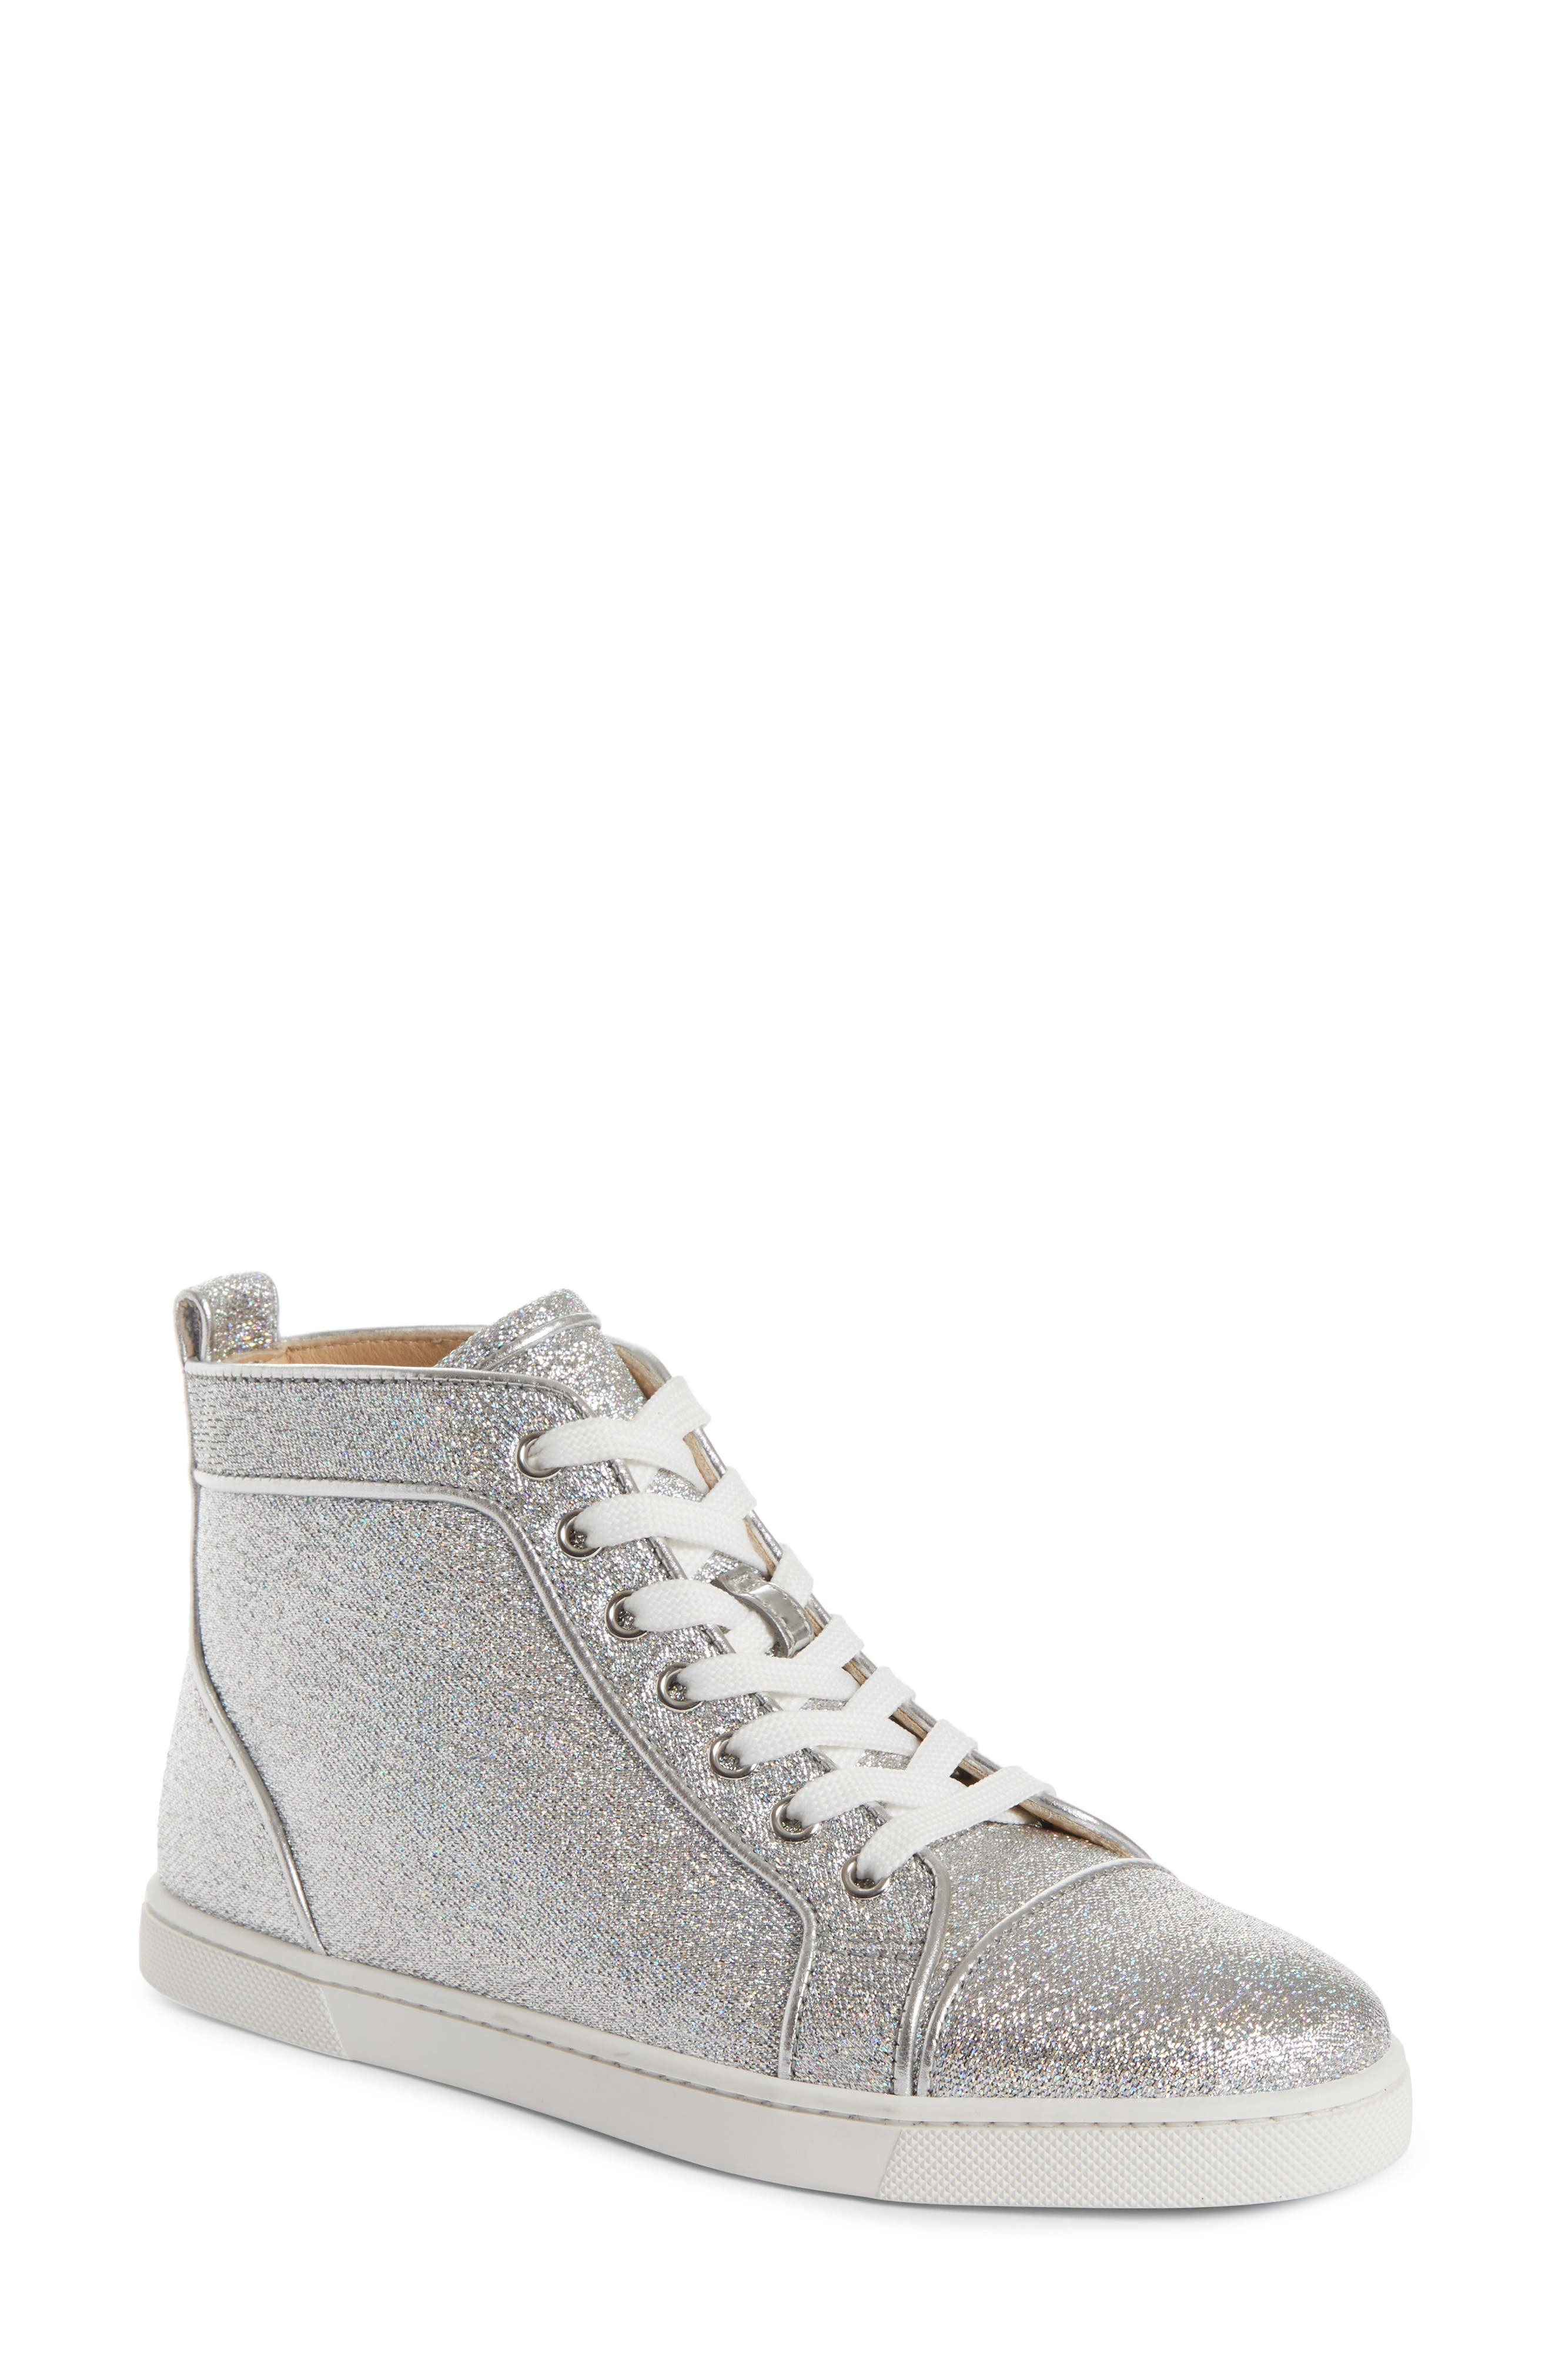 Orlato Metallic High Top Sneaker,                             Main thumbnail 1, color,                             040